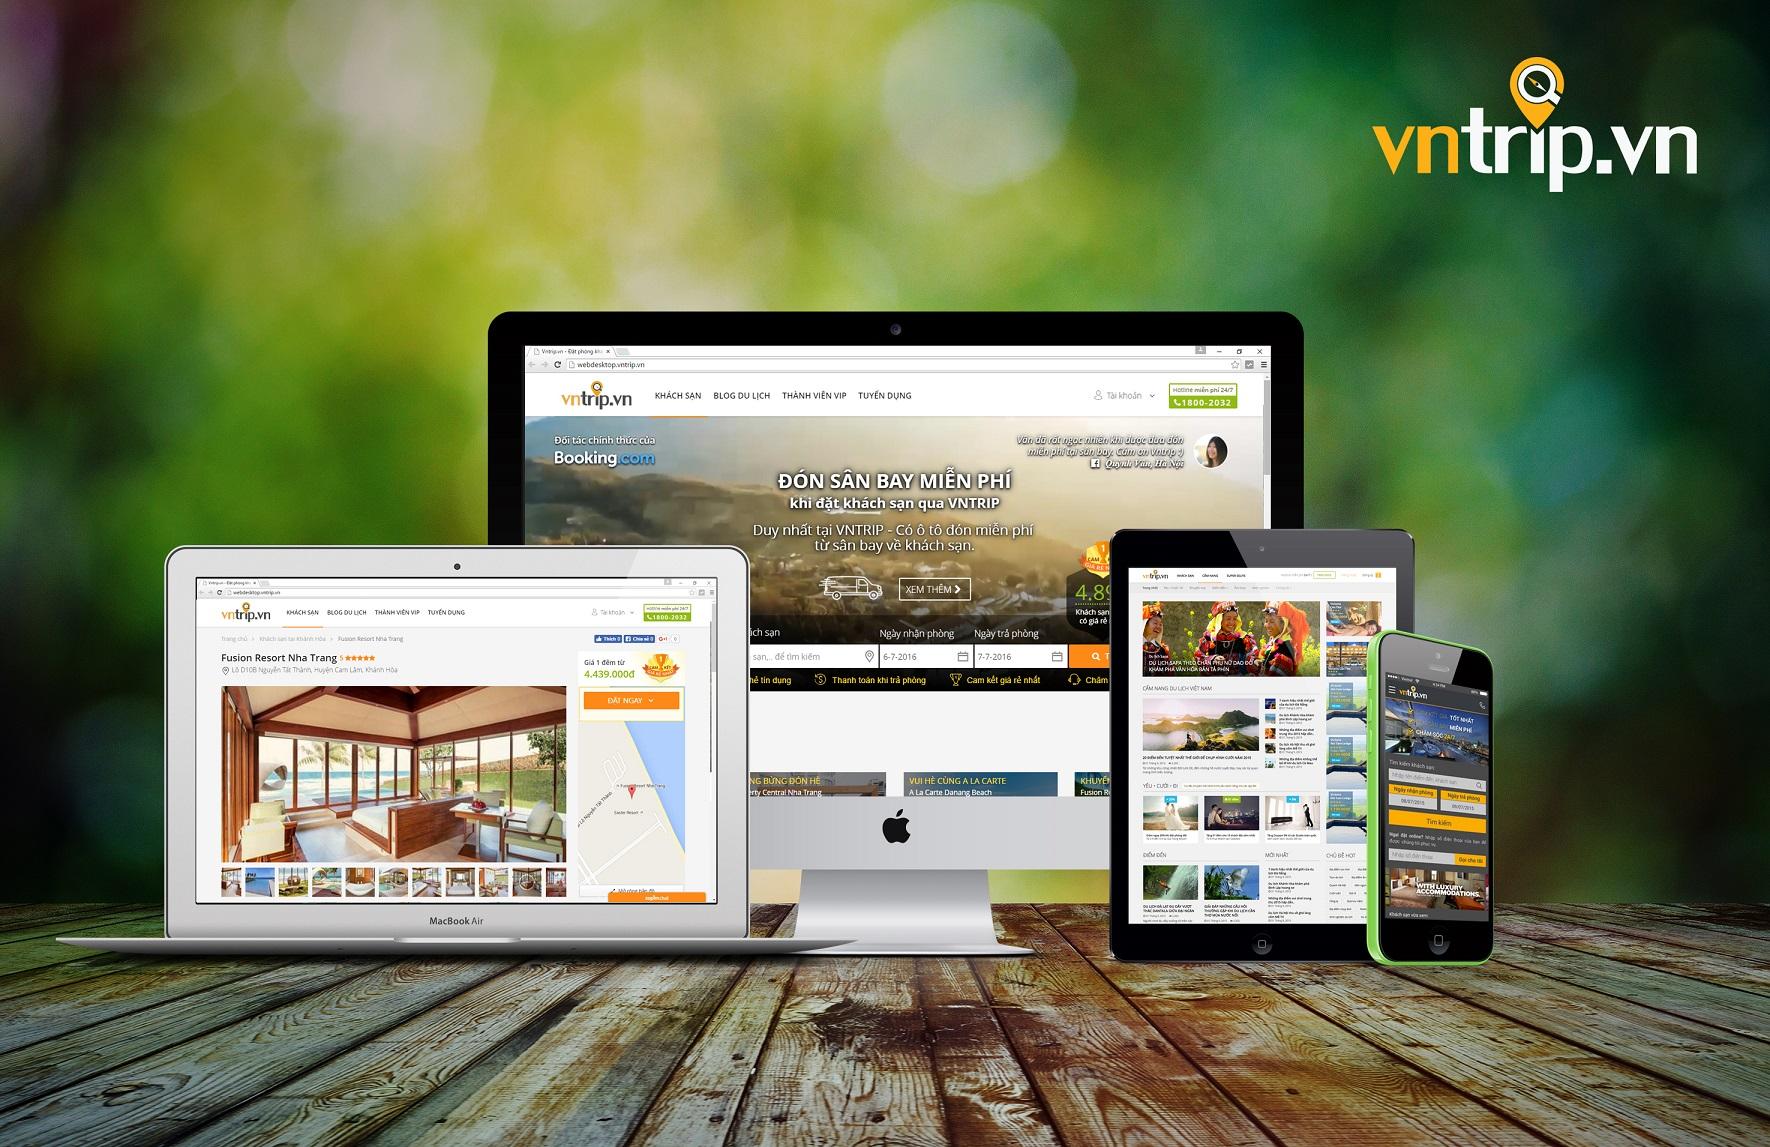 Đặt mua voucher Vinpearl tại các công ty du lịch uy tín, có tên tuổi. Hình: Sưu tầm